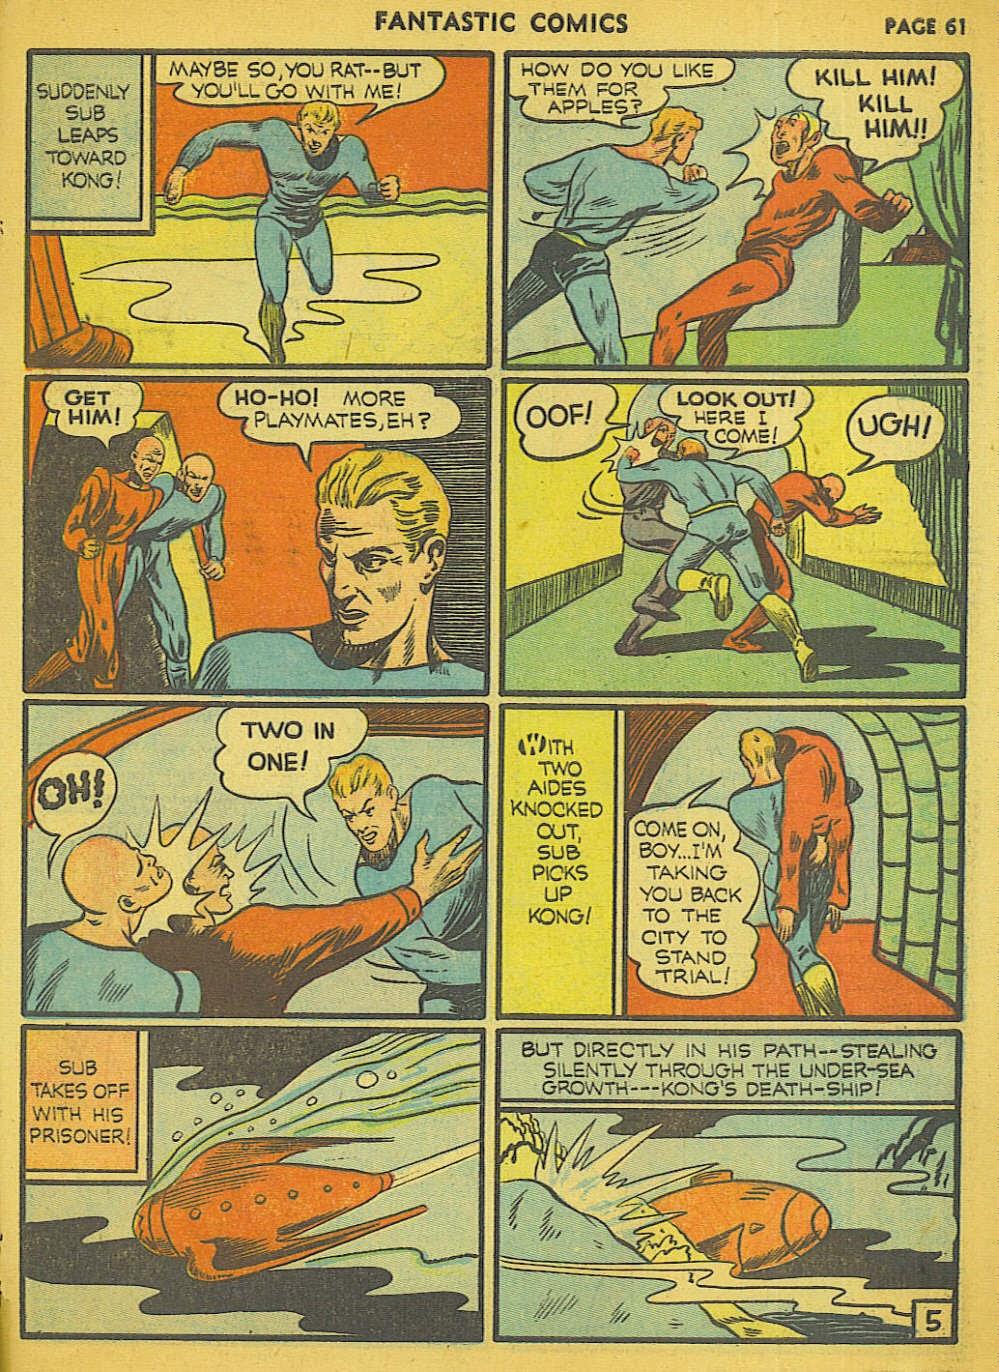 Read online Fantastic Comics comic -  Issue #15 - 57